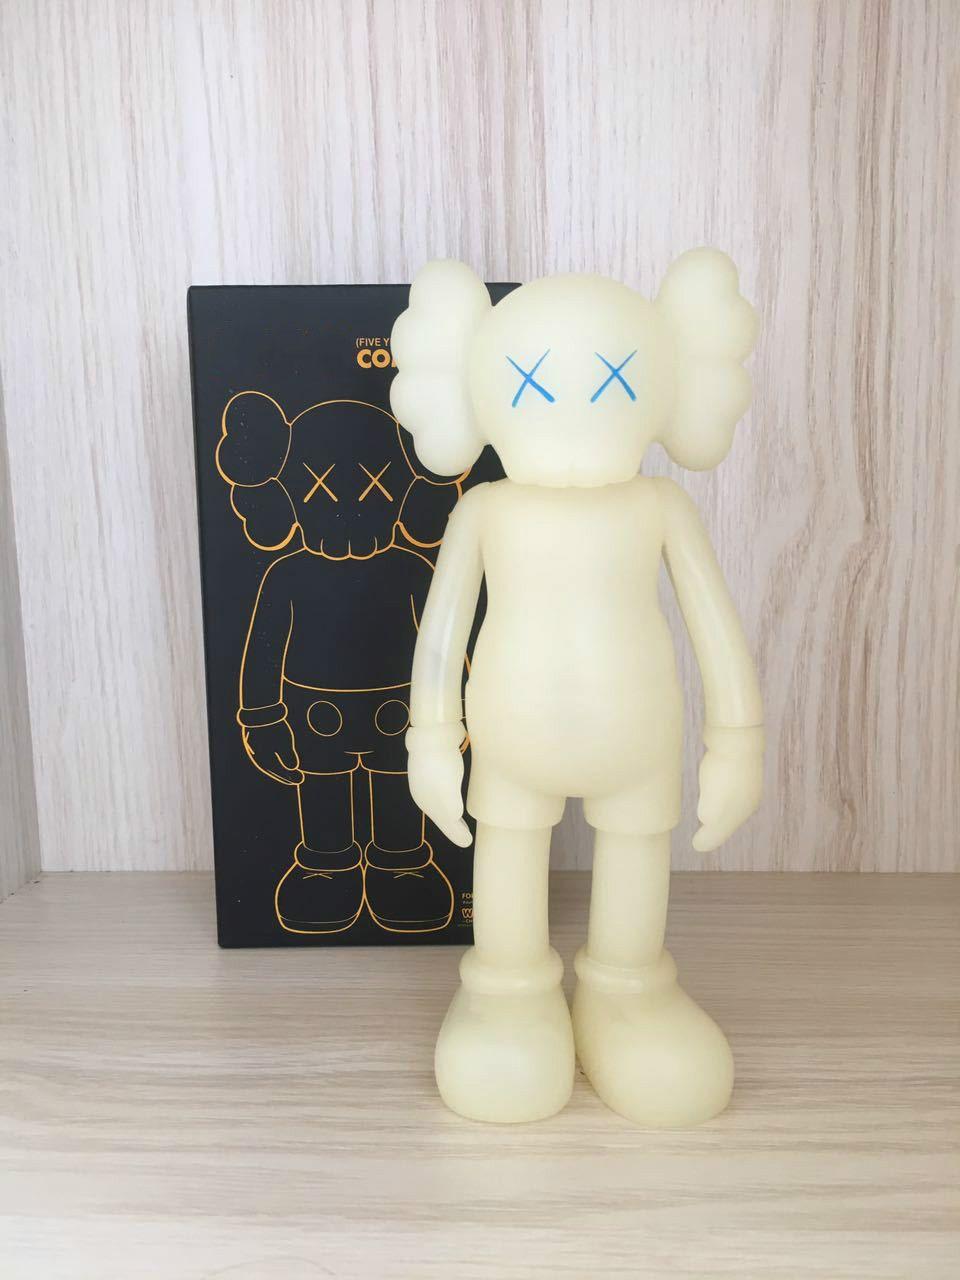 2020 Hot Puppe Design moderner Kunst 20CM KAWS mini smlll liegen Begleiter Spielzeug benutzerdefinierte Vinyl-PVC-Graffiti-Kunst Spielzeug kaws Figur Statue Geschenk Luminous